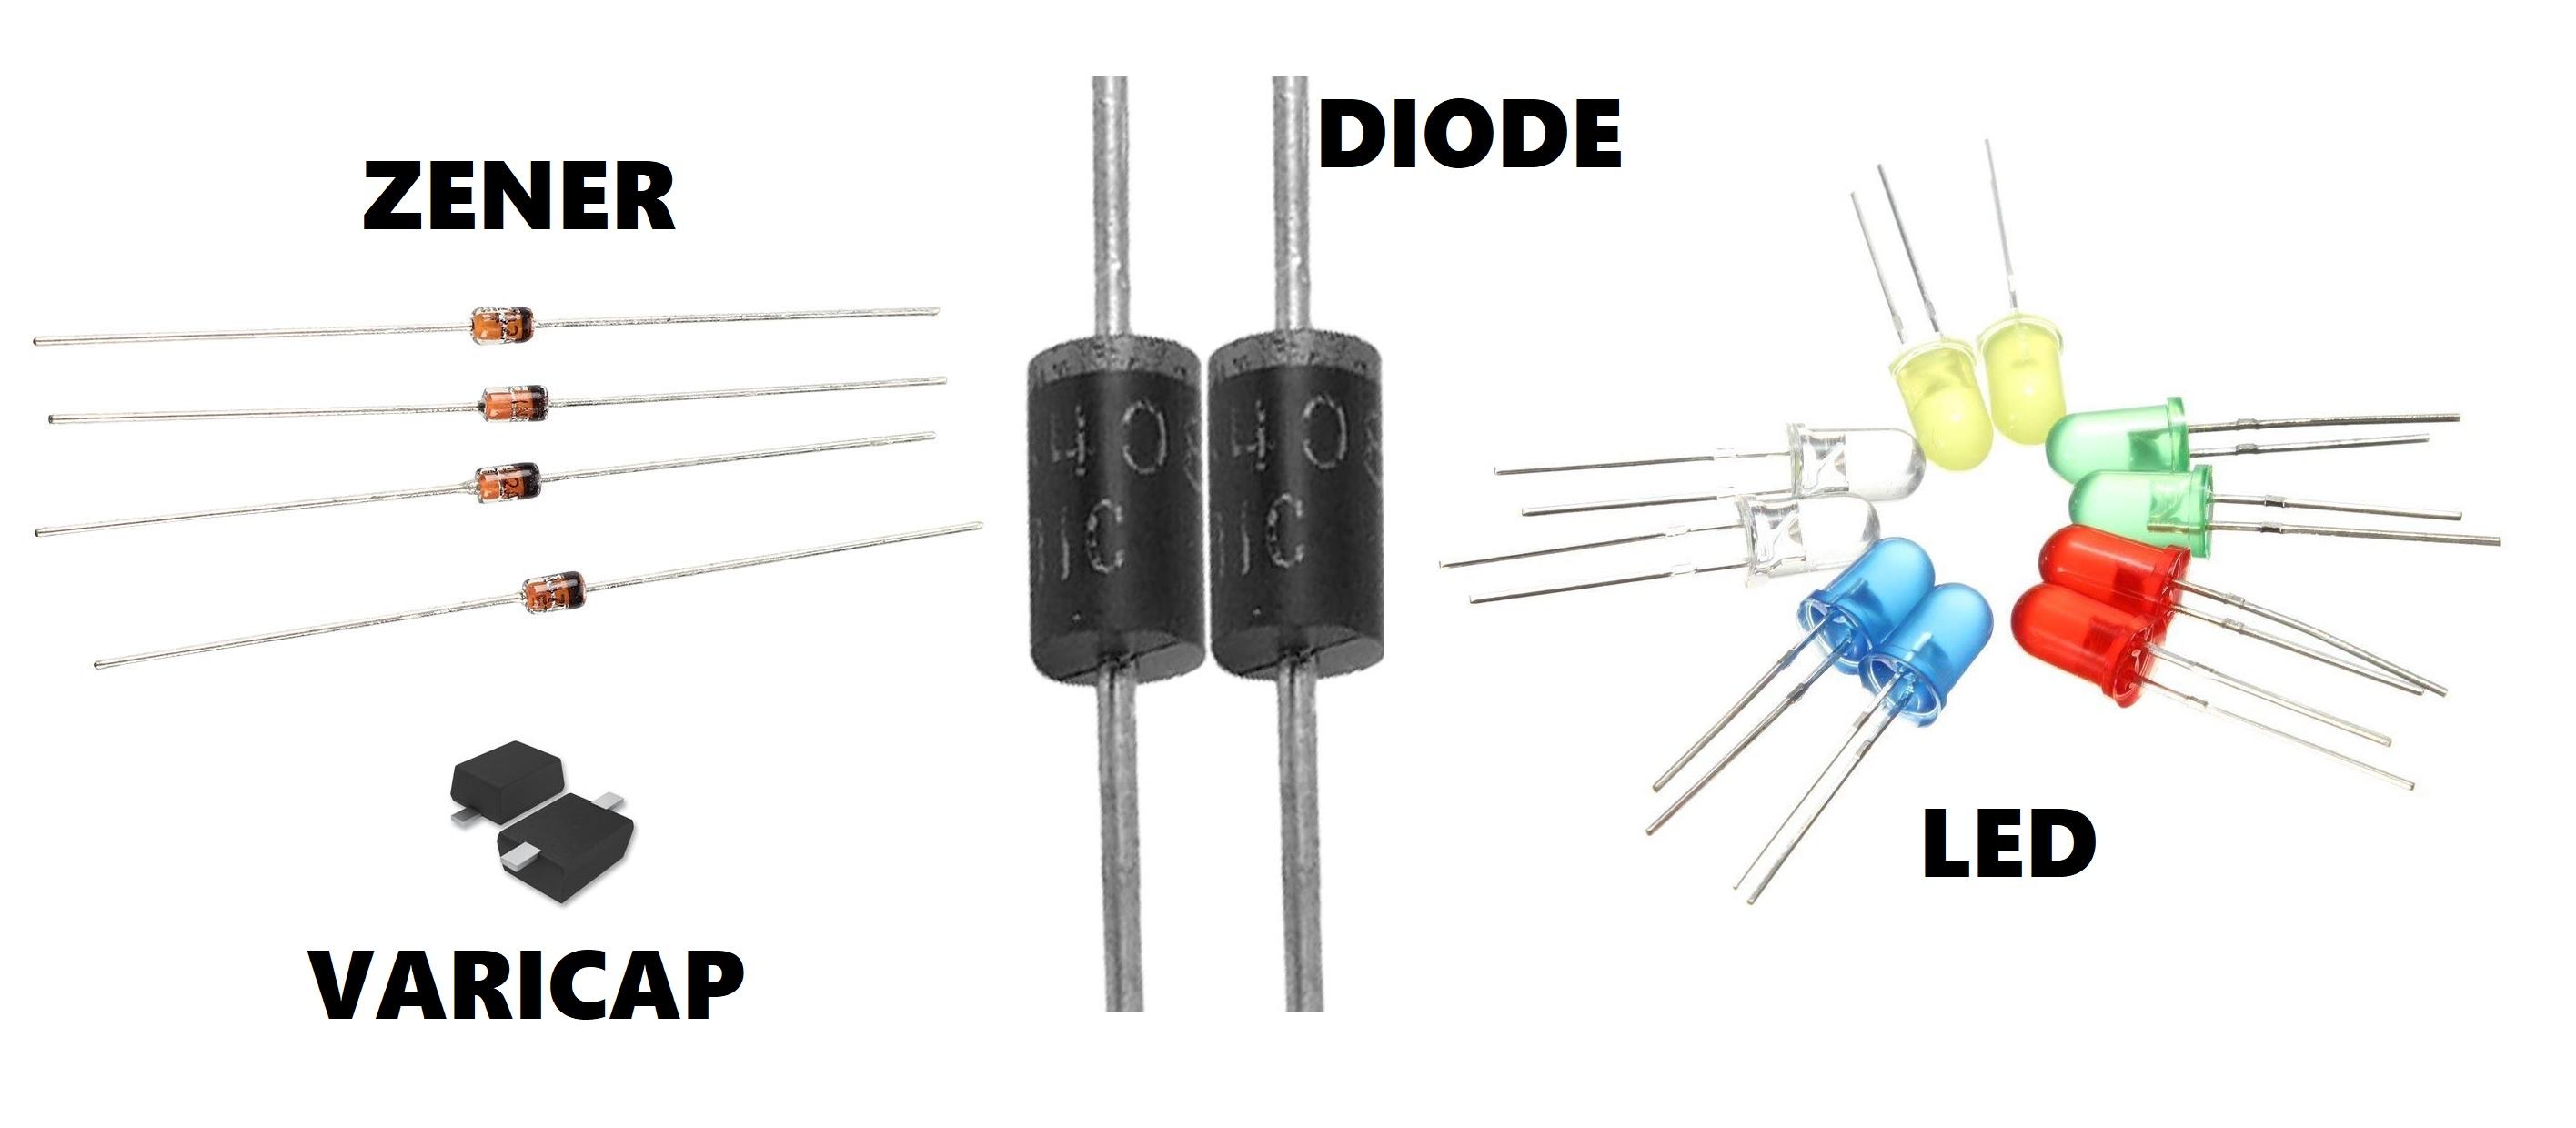 Les Diodes Arduino